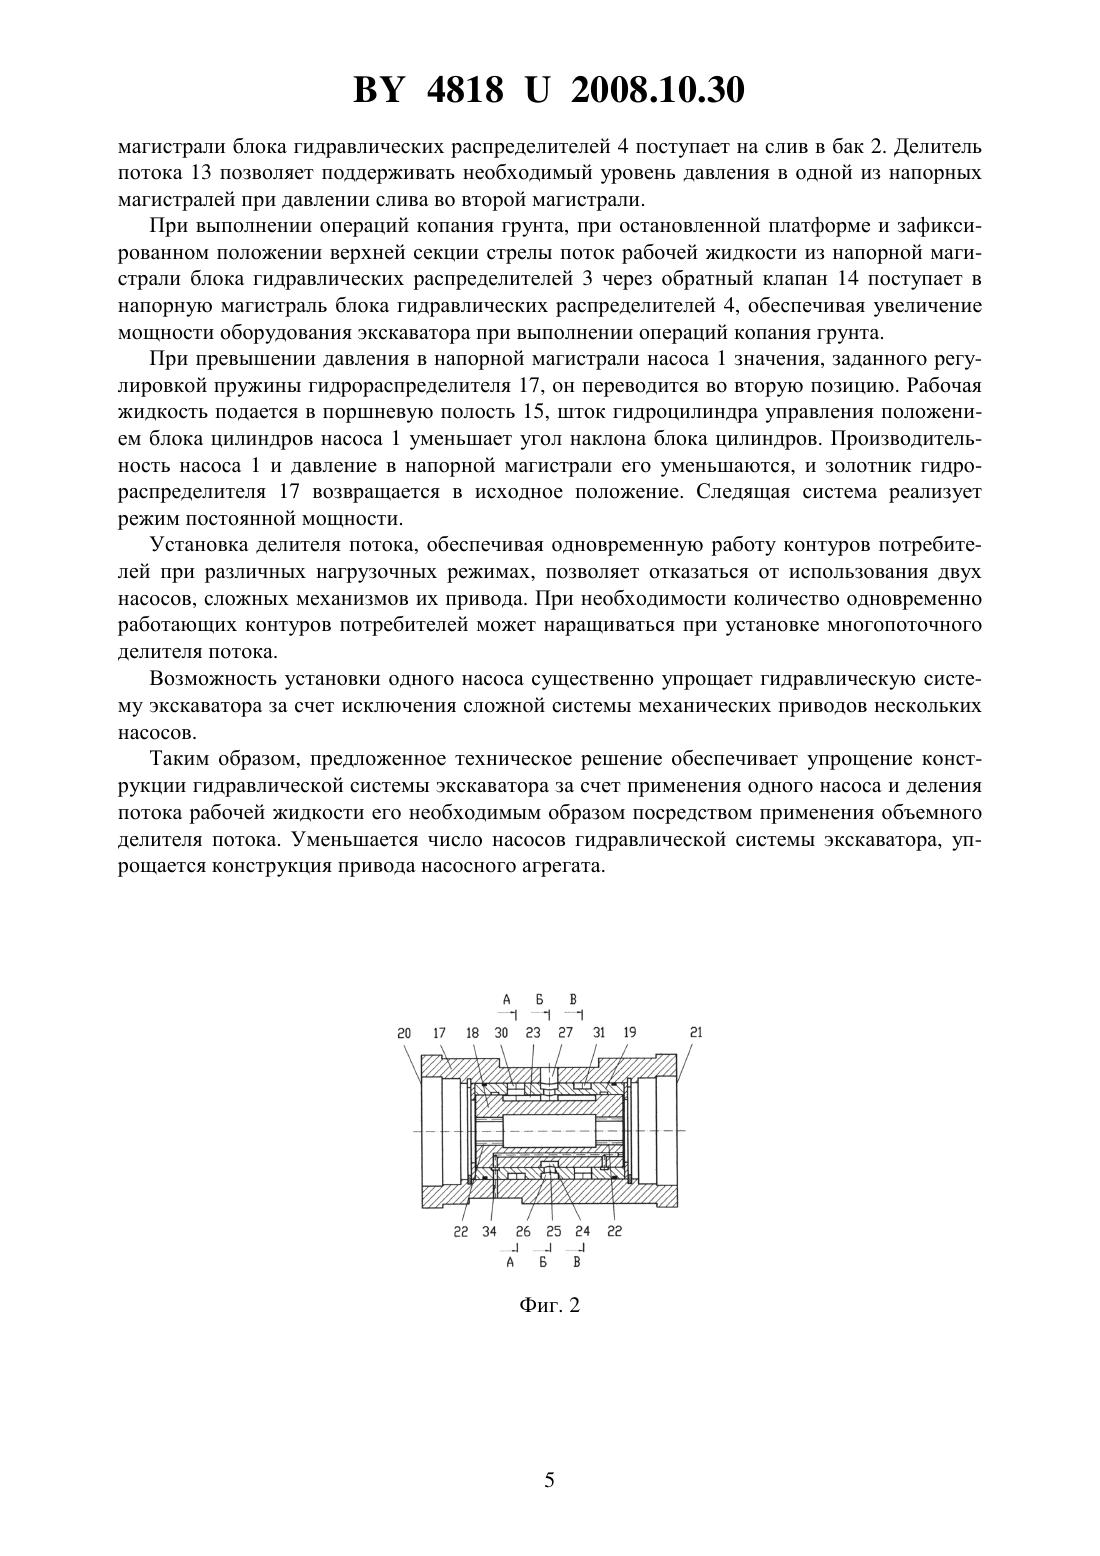 гидравлическая схема шахтового оборудования